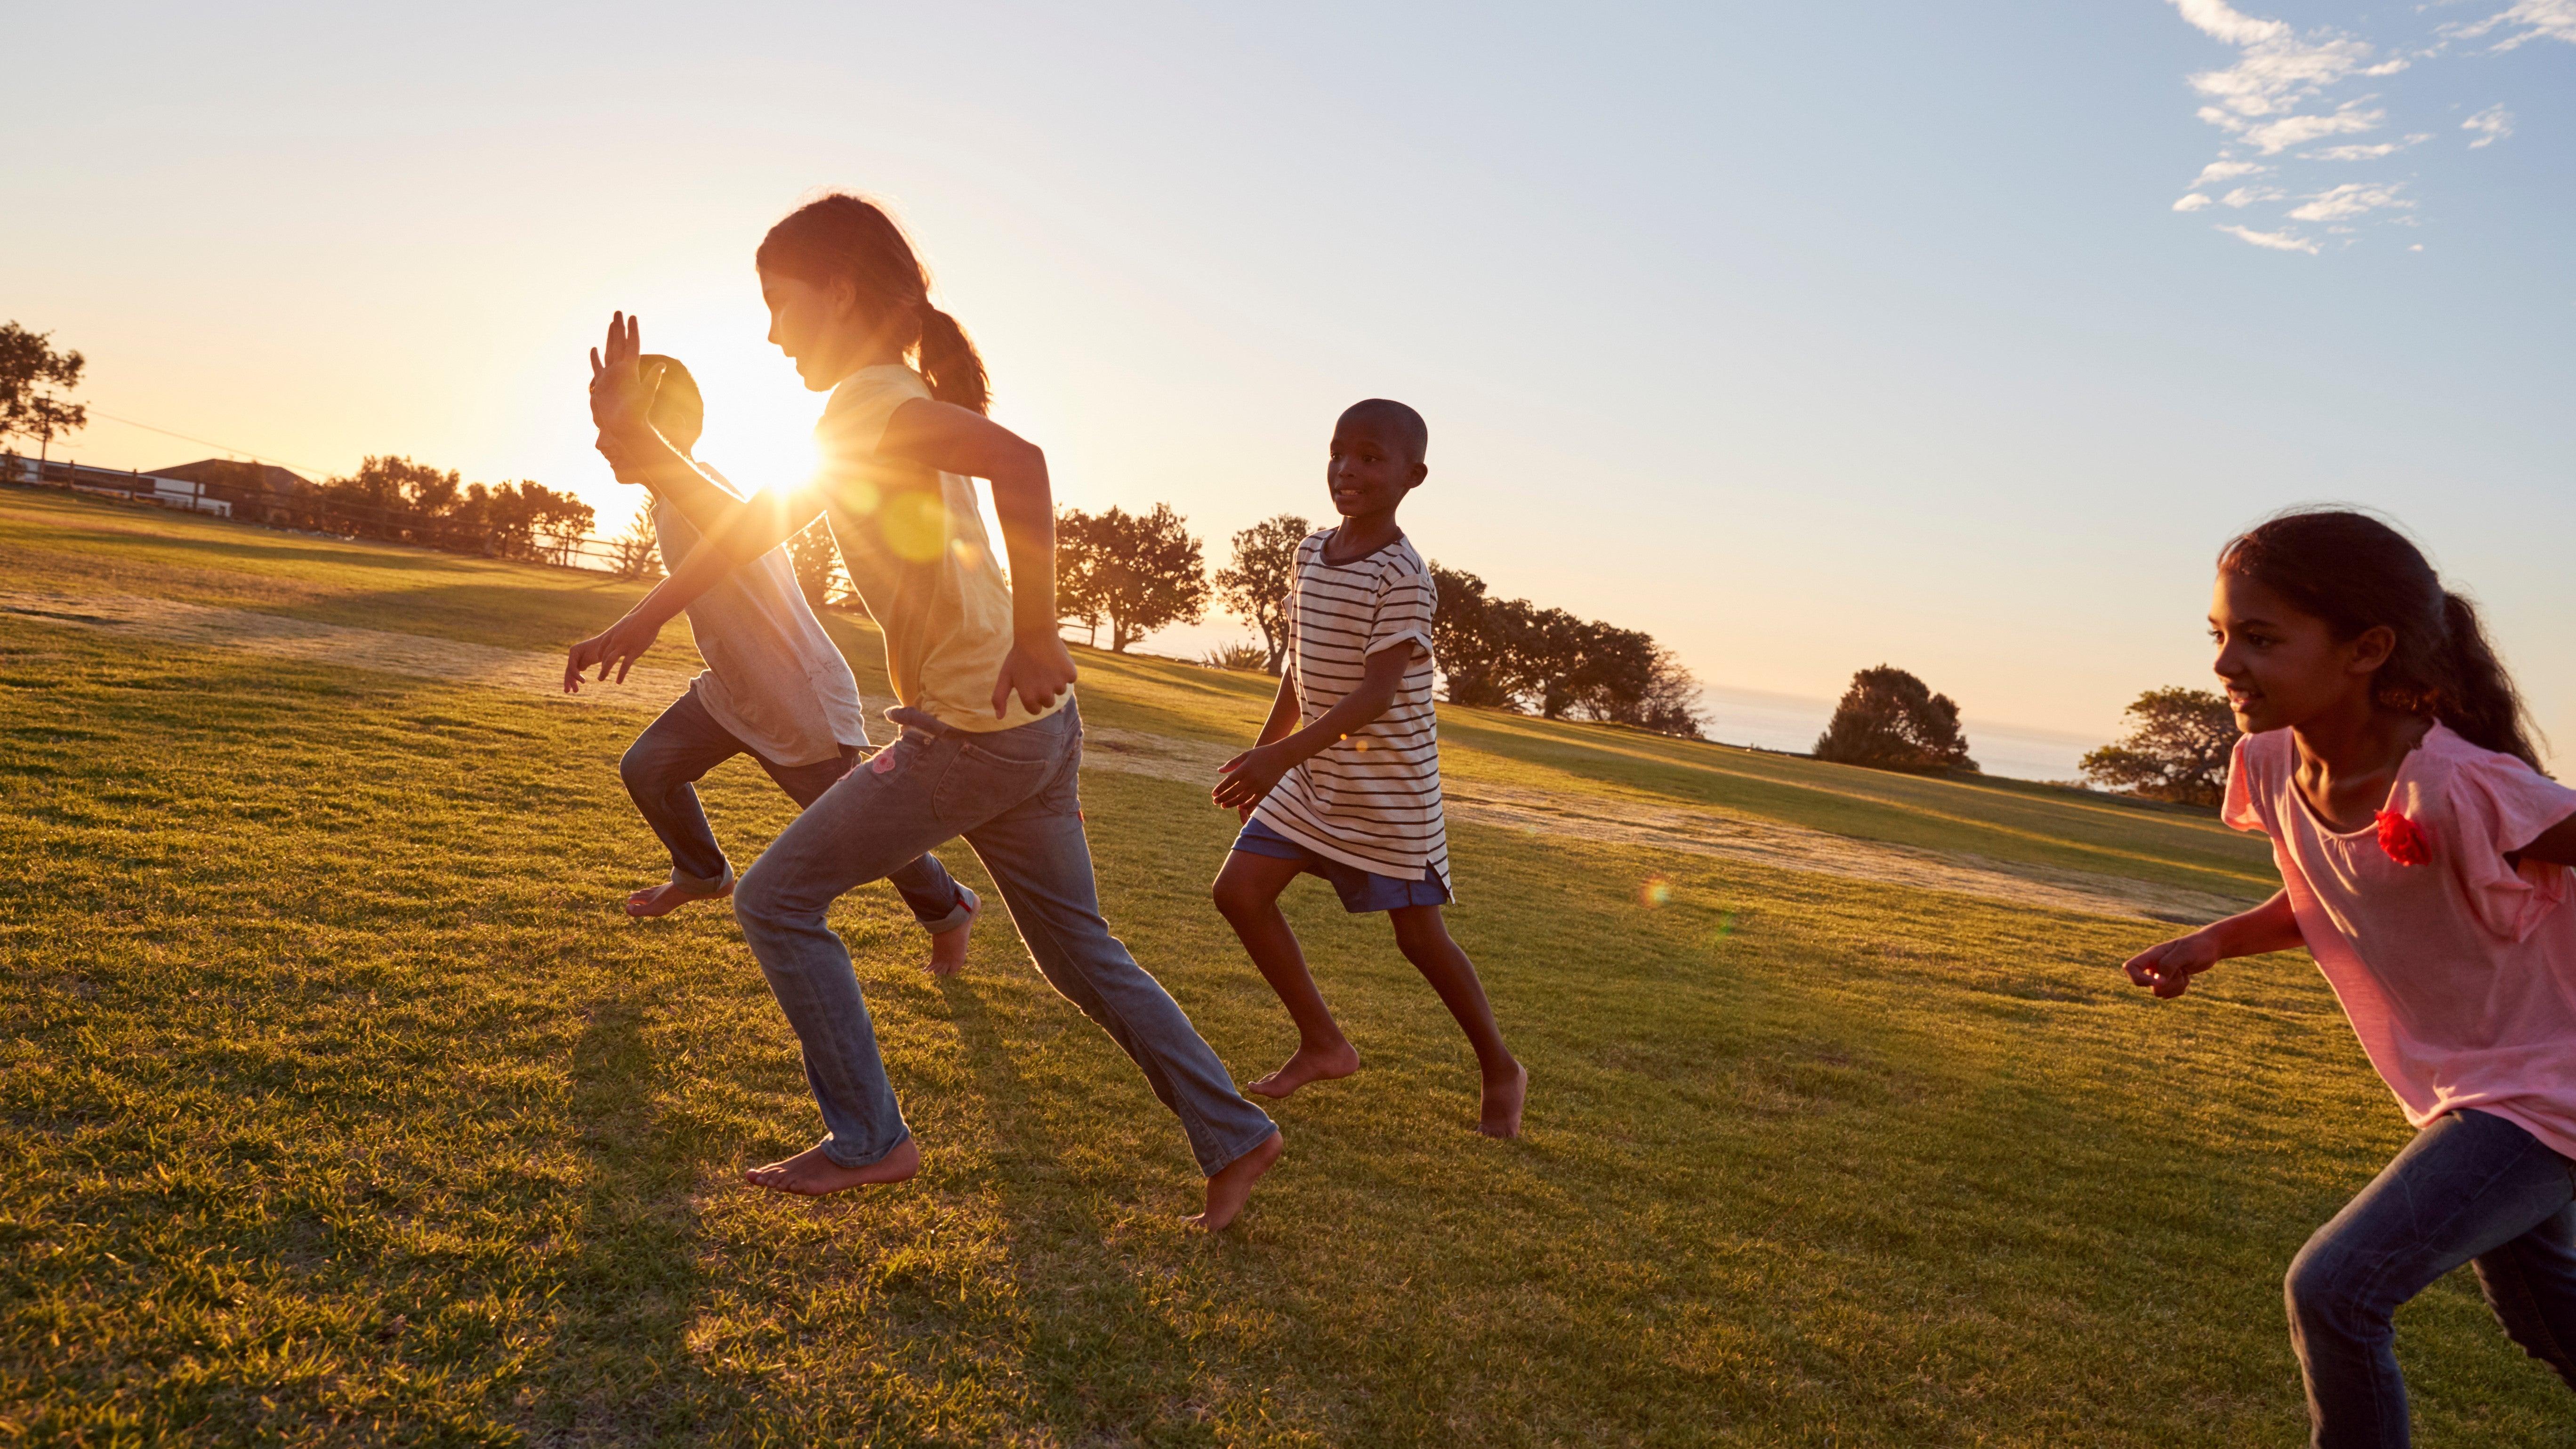 Energiebündel: Kinder sind so fit wie Ausdauersportler – und erholen sich schneller